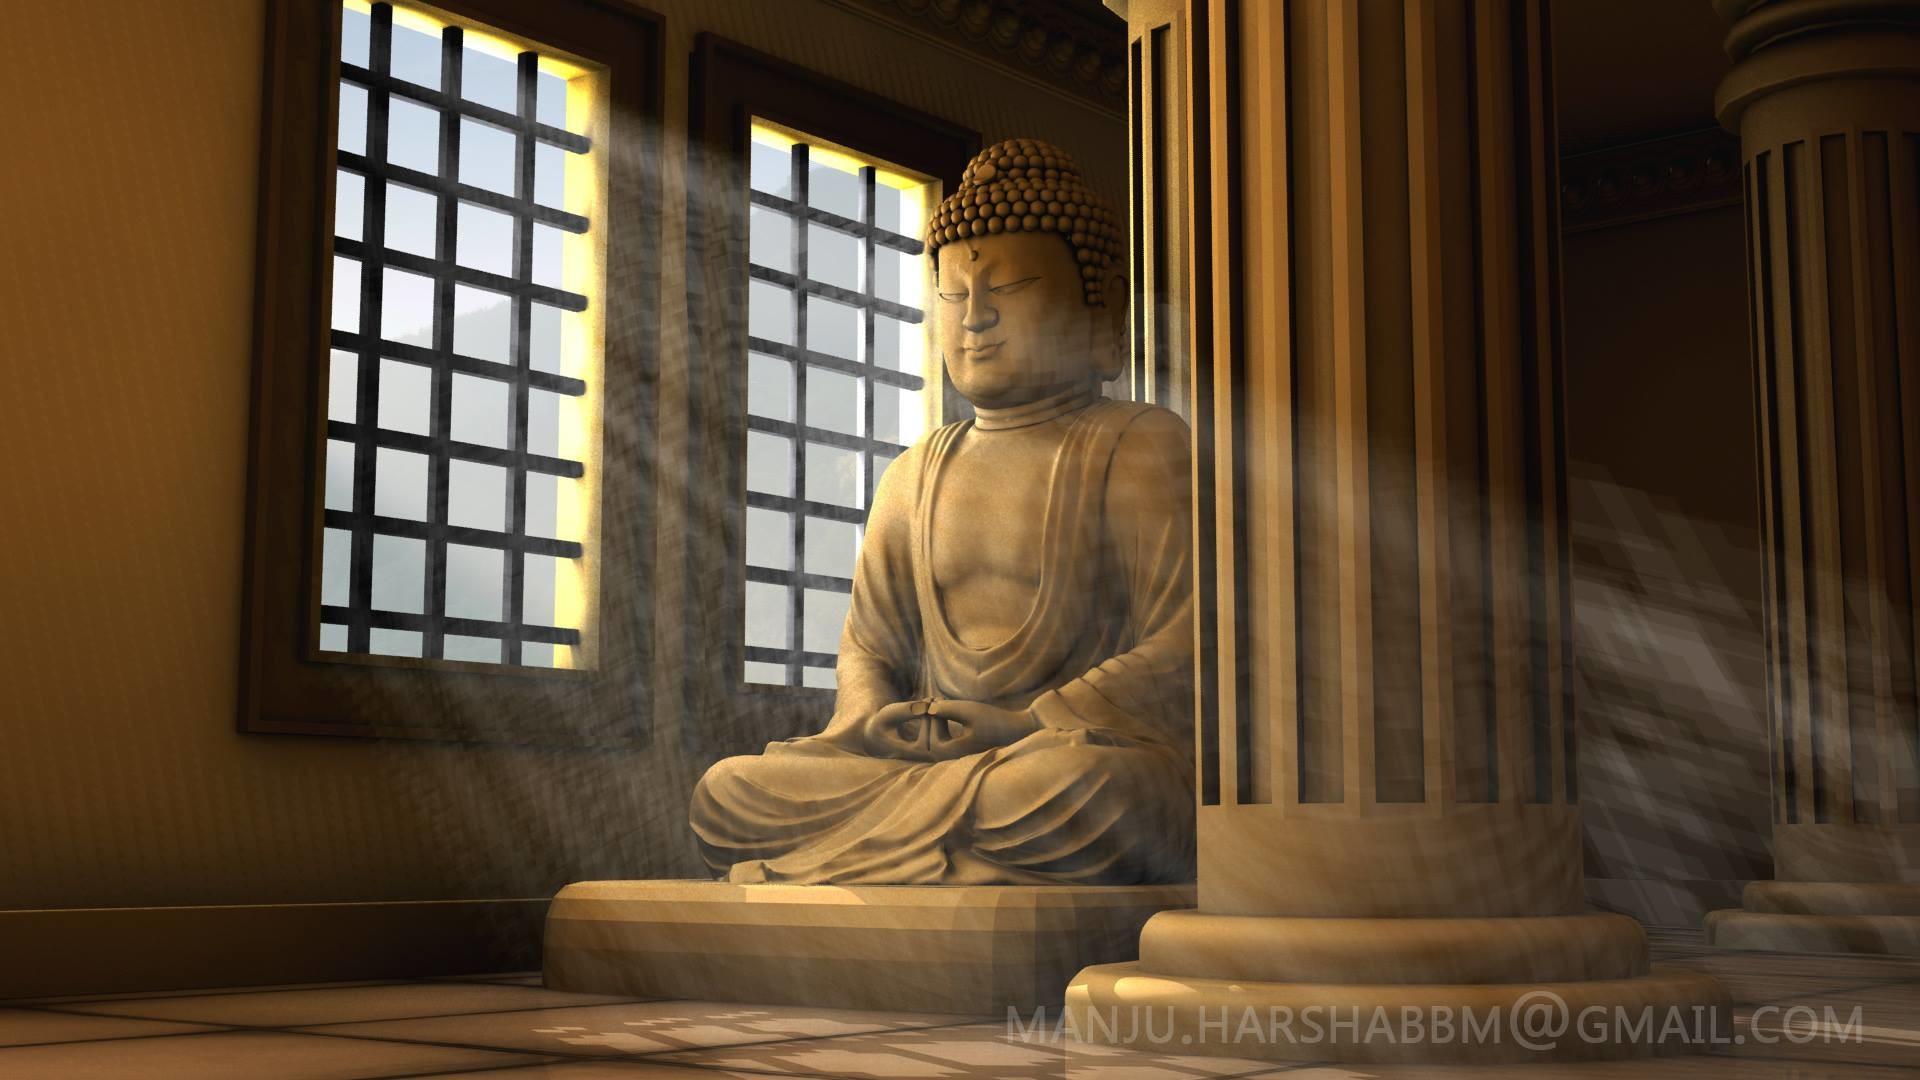 lord buddha education foundation - HD1920×1080